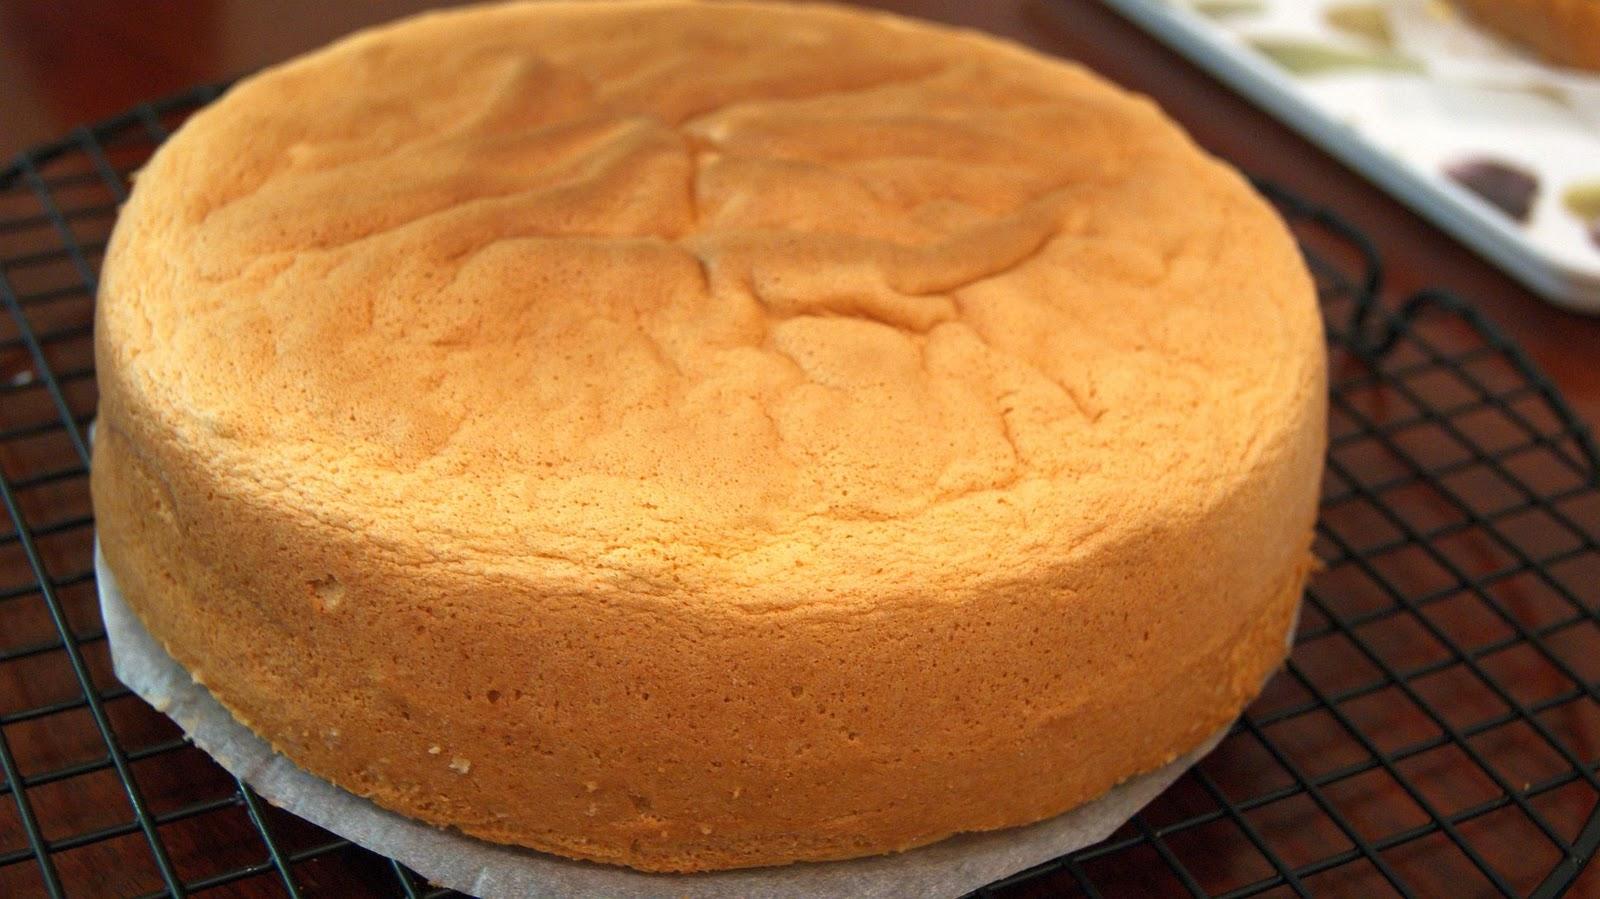 Cake Design Recette Genoise : Mon projet de gateau Arc-en-Ciel partie 1 : je choisis une ...